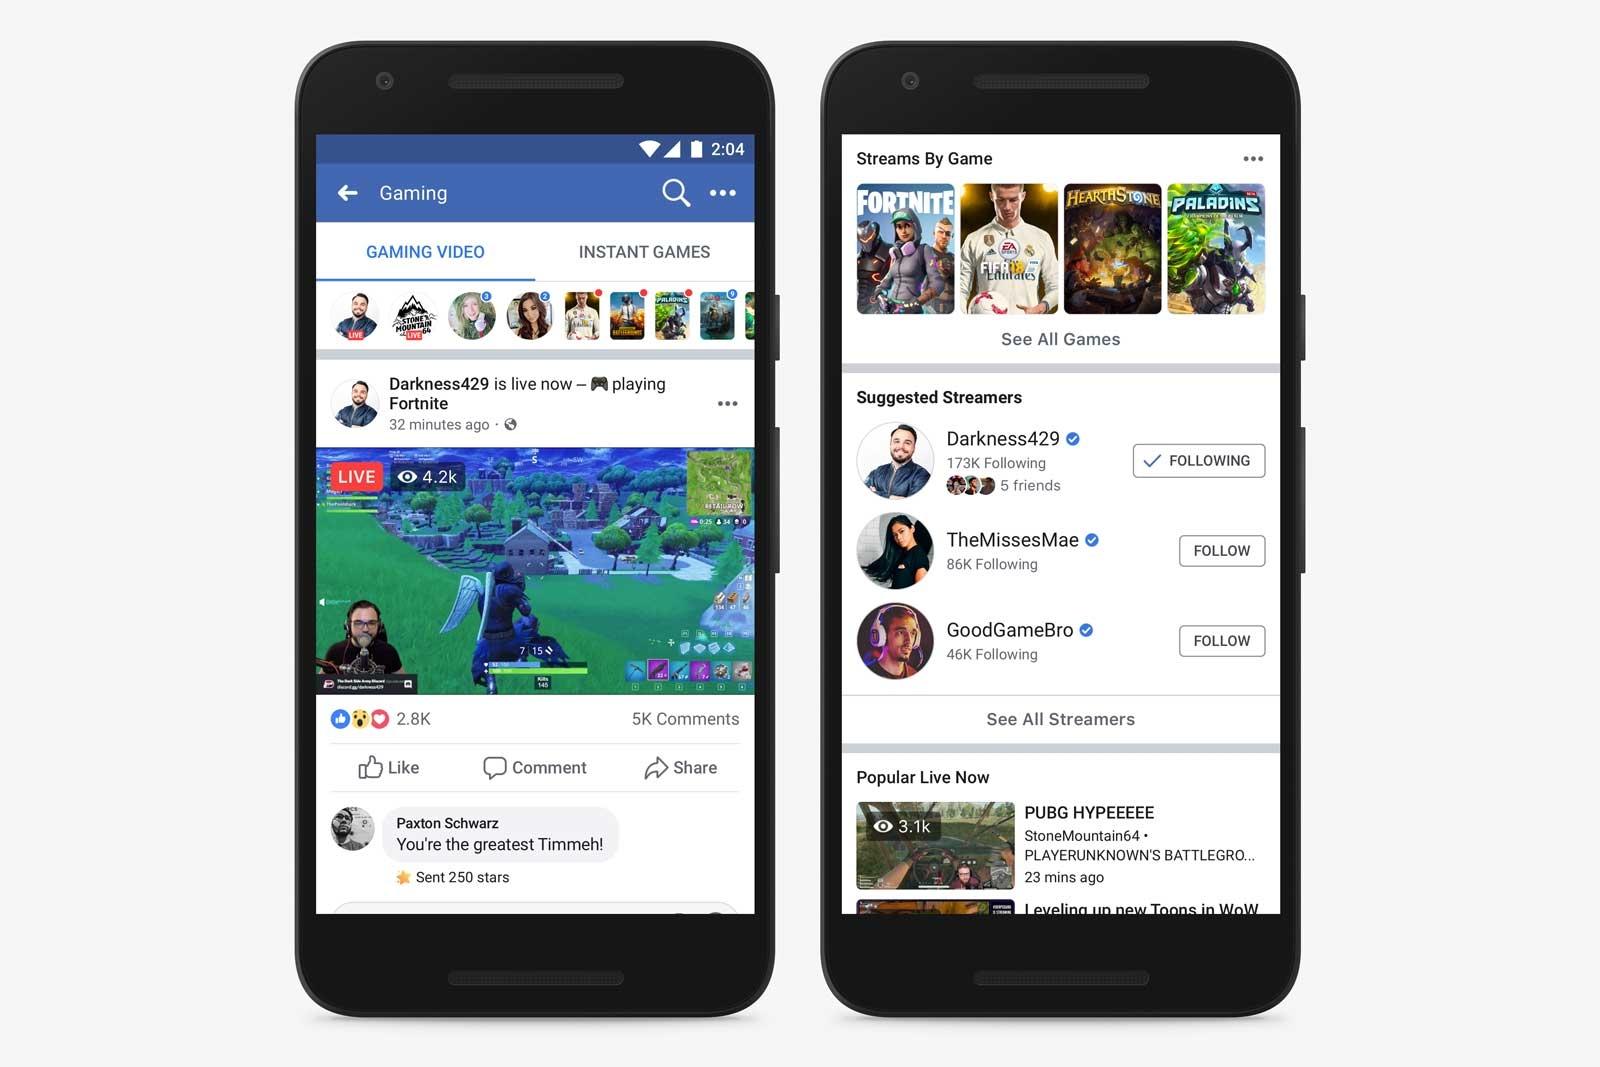 Nuovo incidente Facebook: post privati diventano improvvisamente pubblici